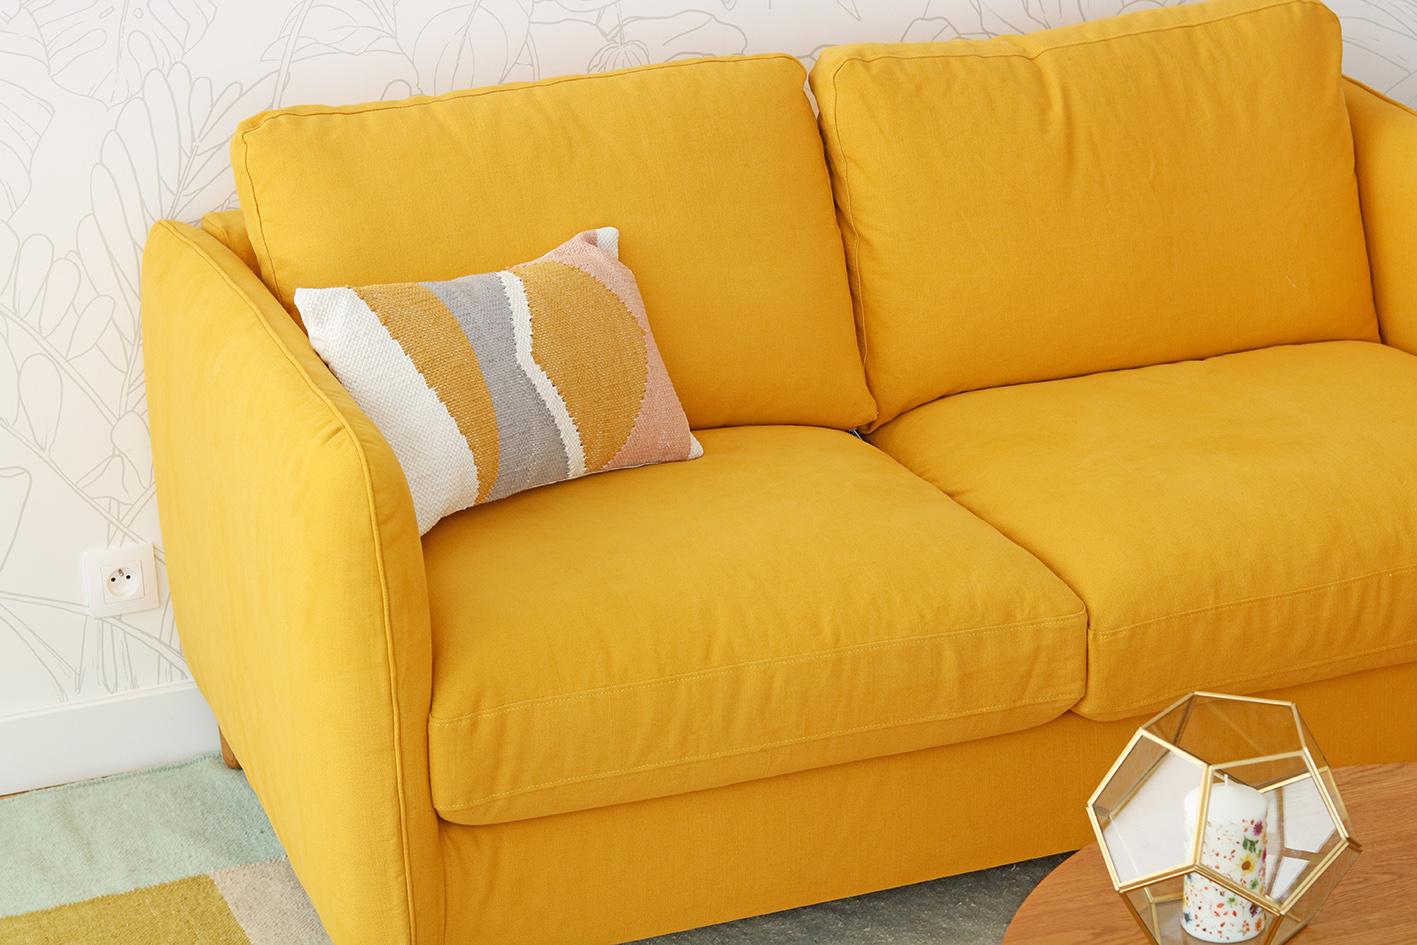 canapé-jaune